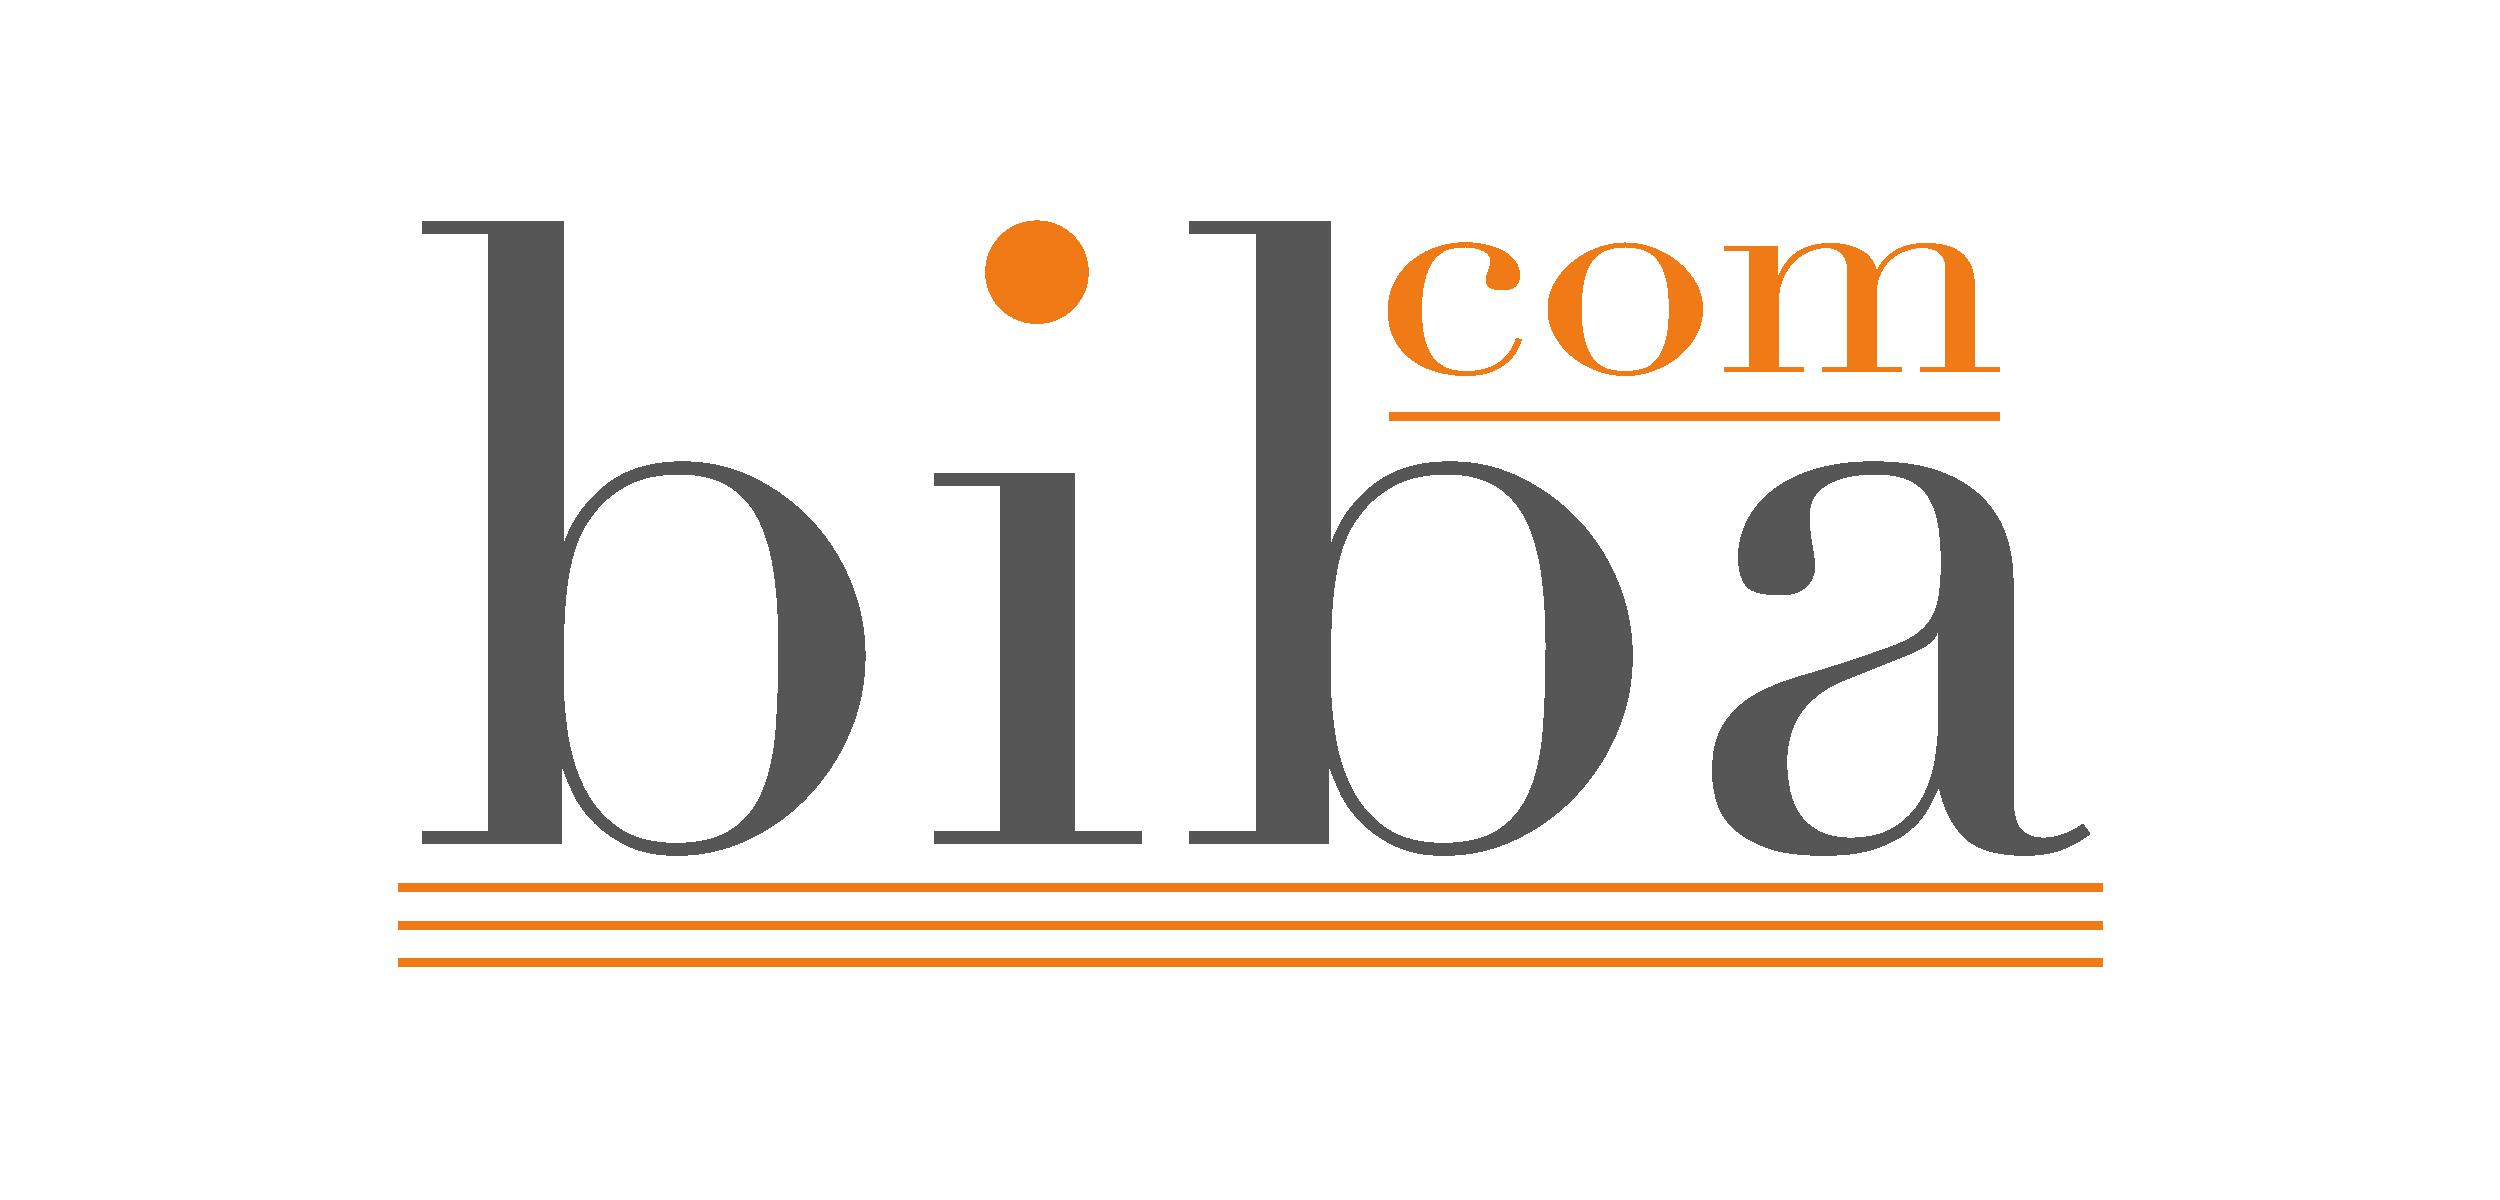 logo bibacom 2020